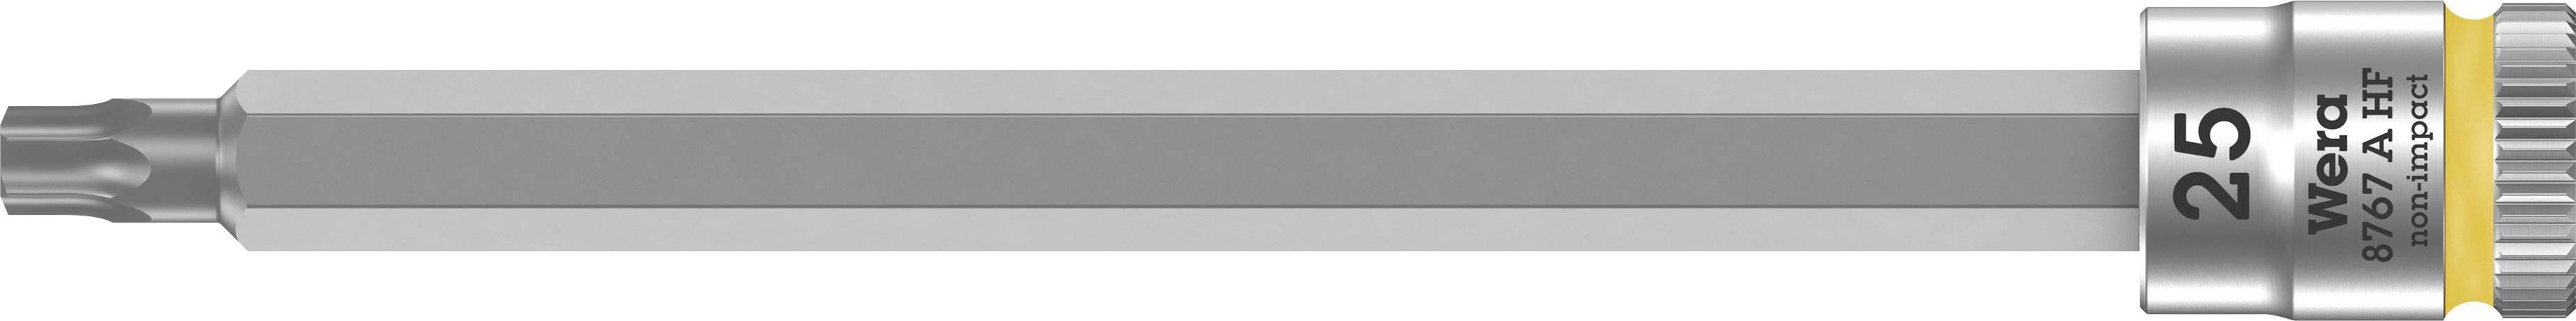 """Nástrčný klíč Wera 8767 A, TORX, 1/4"""" (6,3 mm), chrom-vanadová ocel 05003366001"""